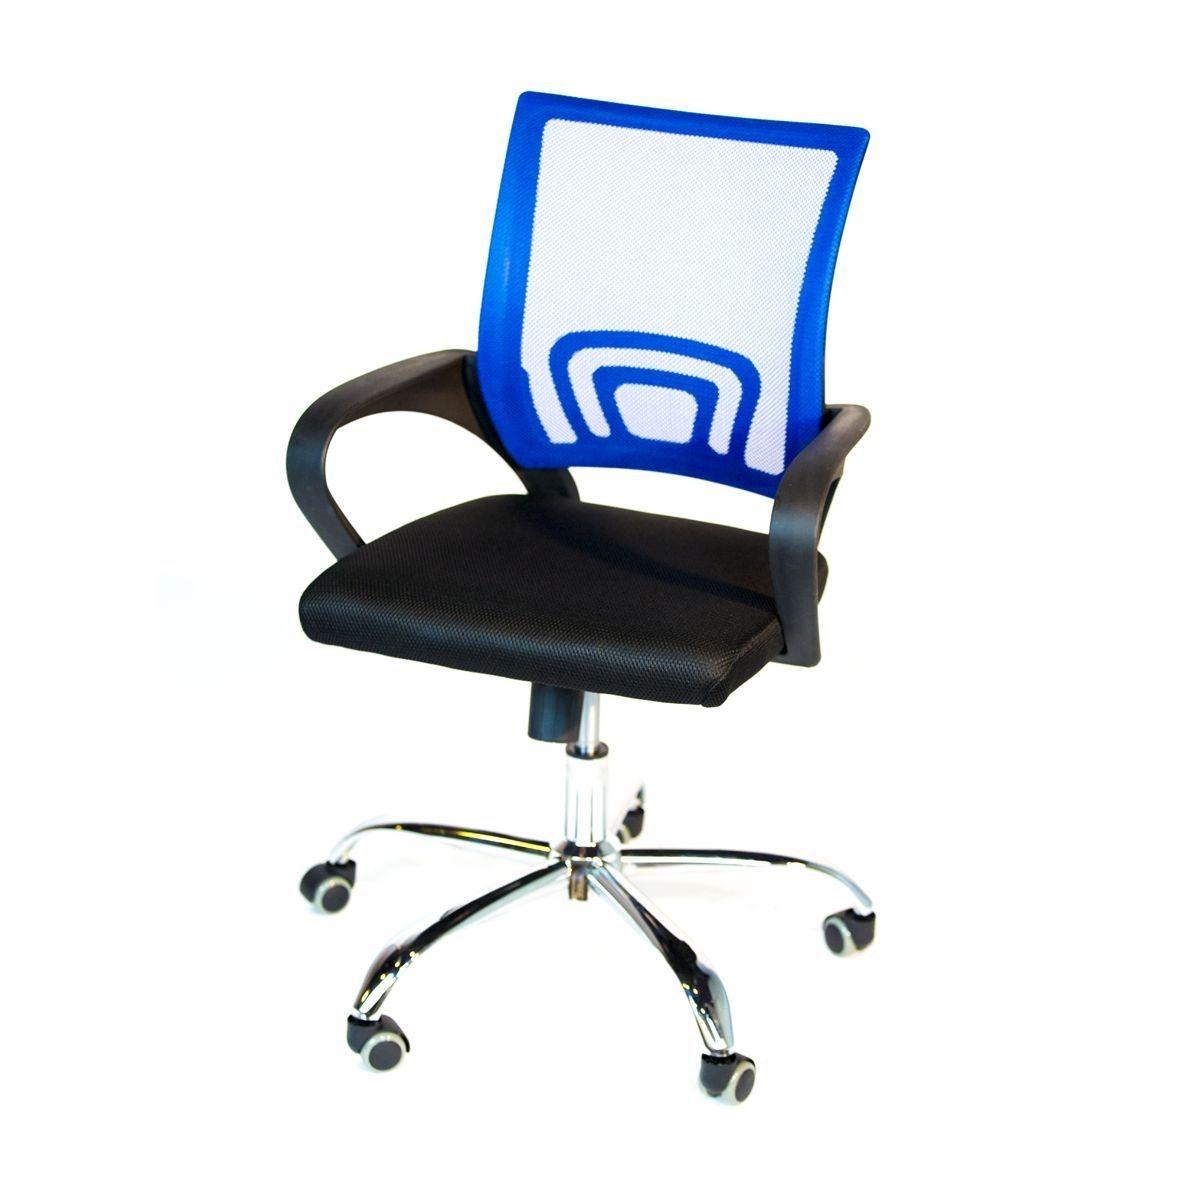 Oficina 5 Azul Metalicas De Silla Patas Ejecutiva Apoyabrazo ZuwPOXiTk